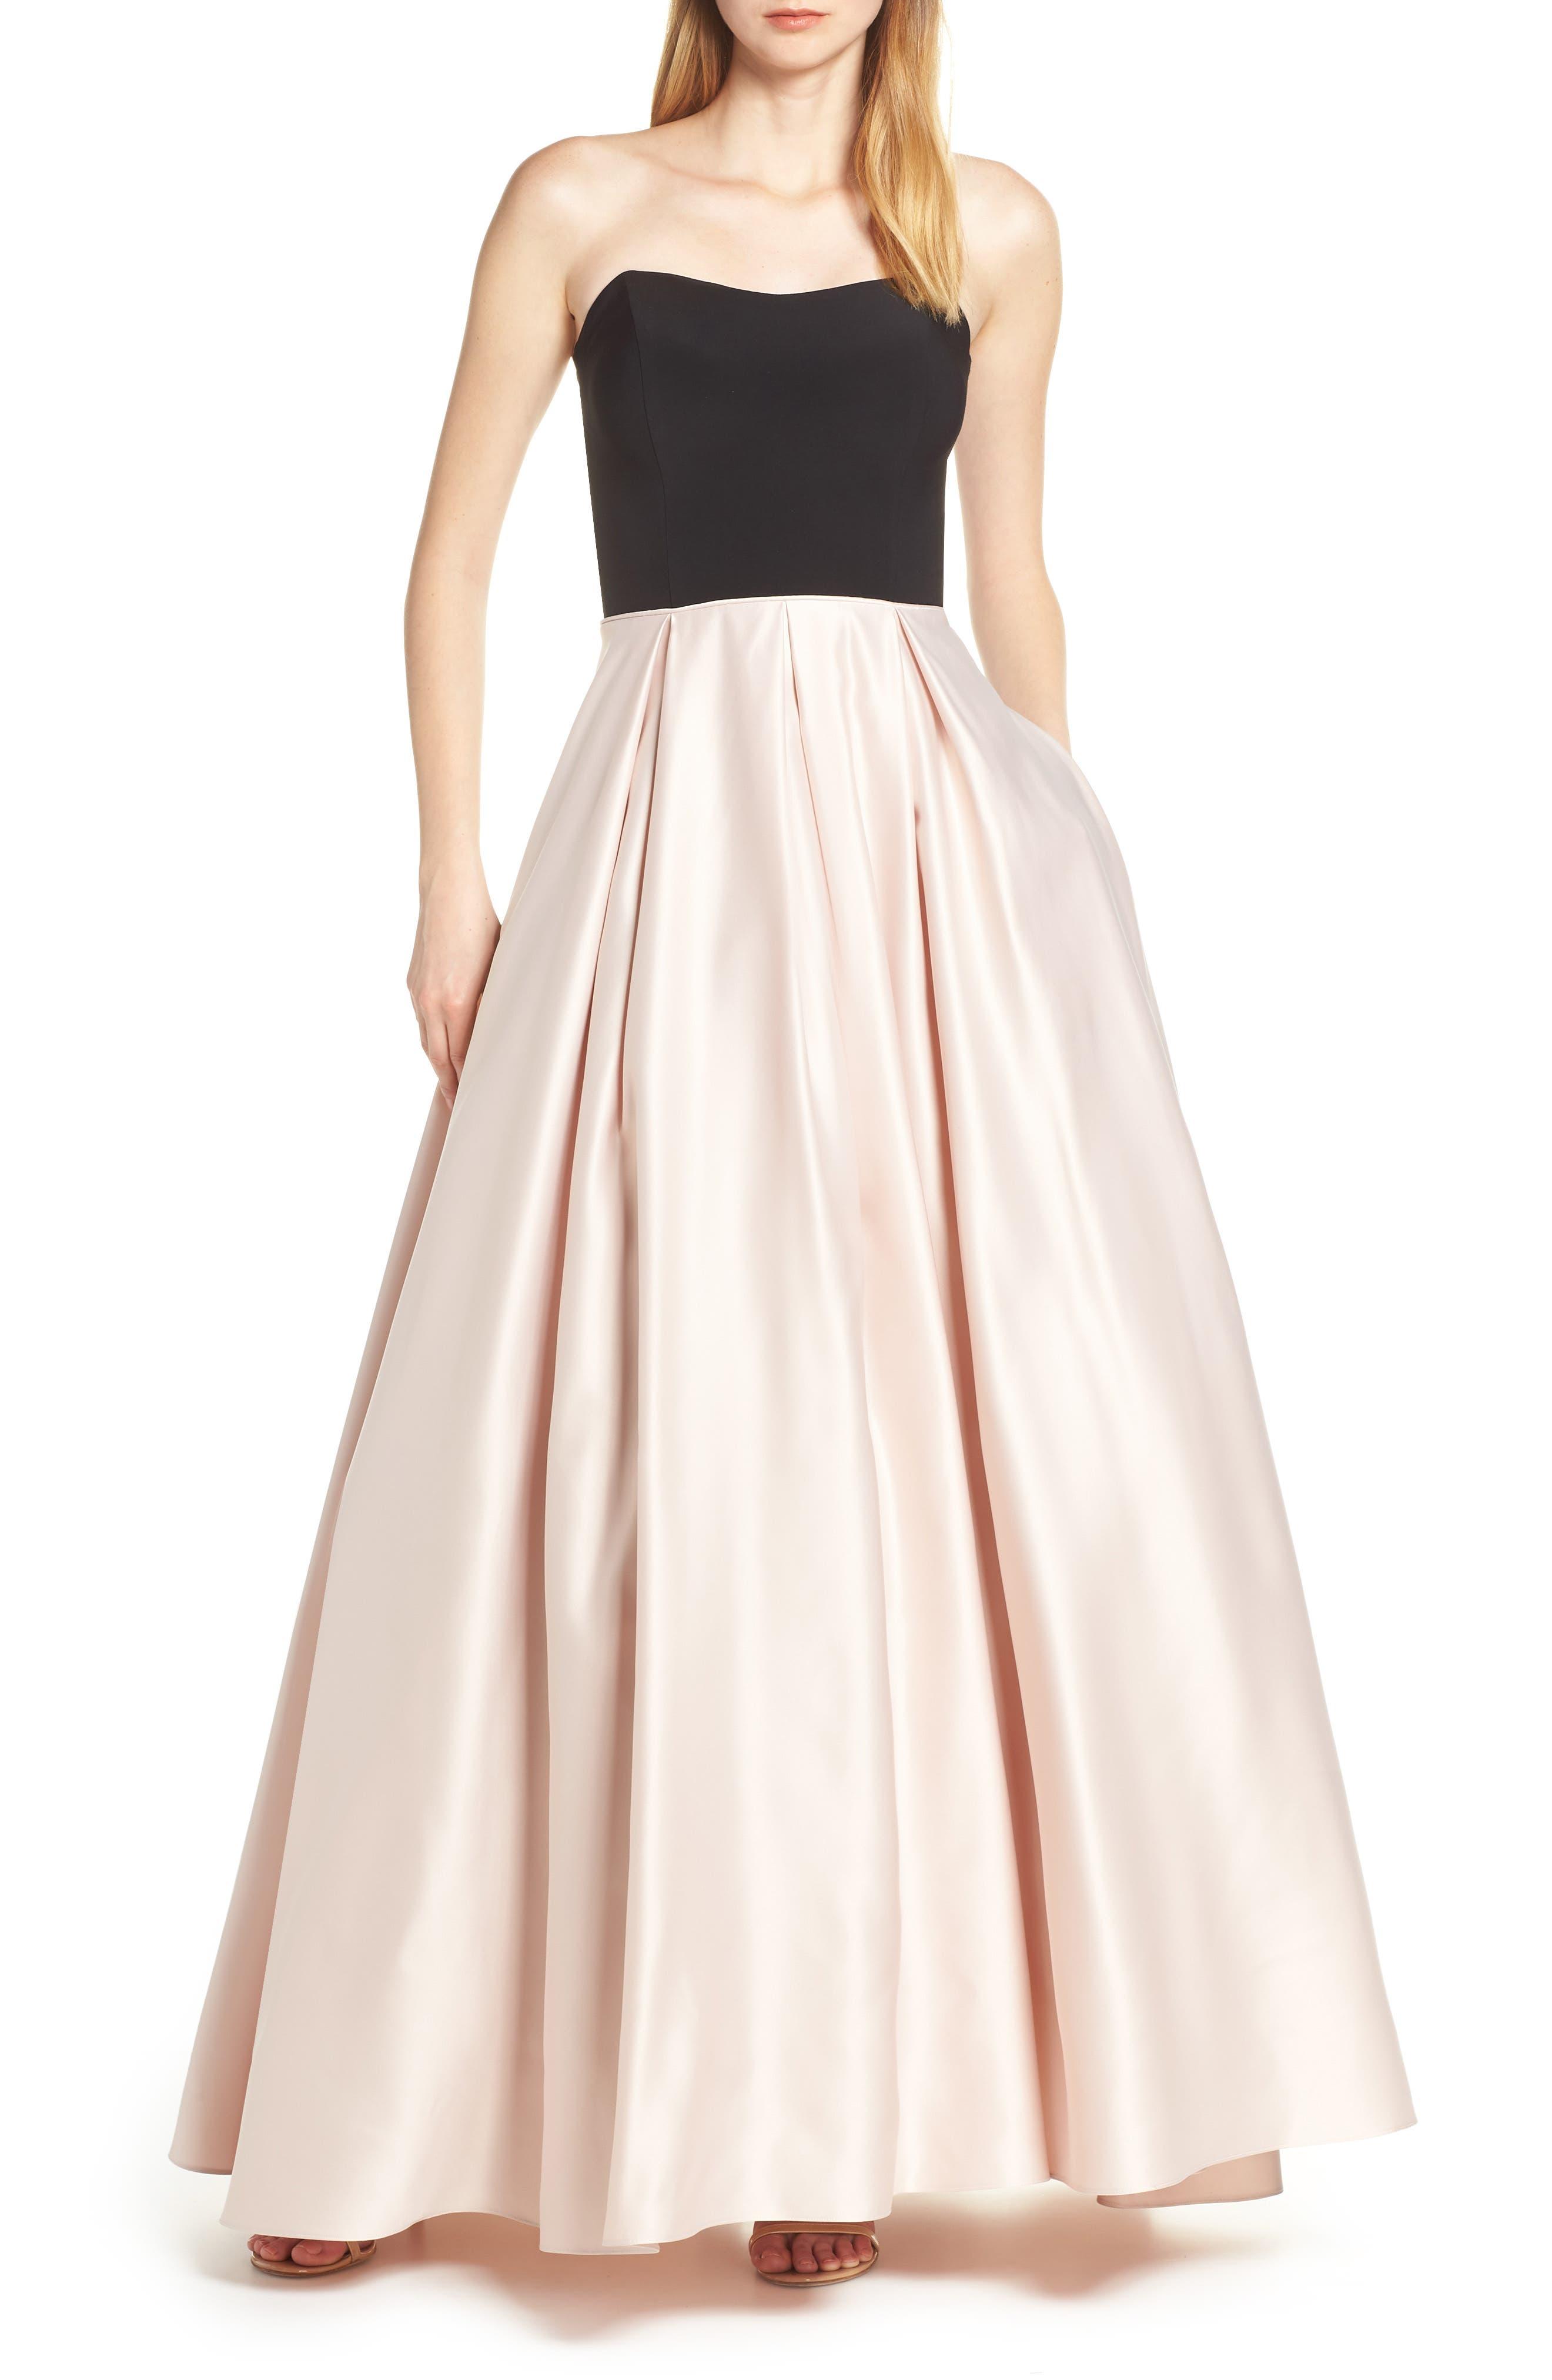 Blondie Nites Strapless Satin Evening Dress